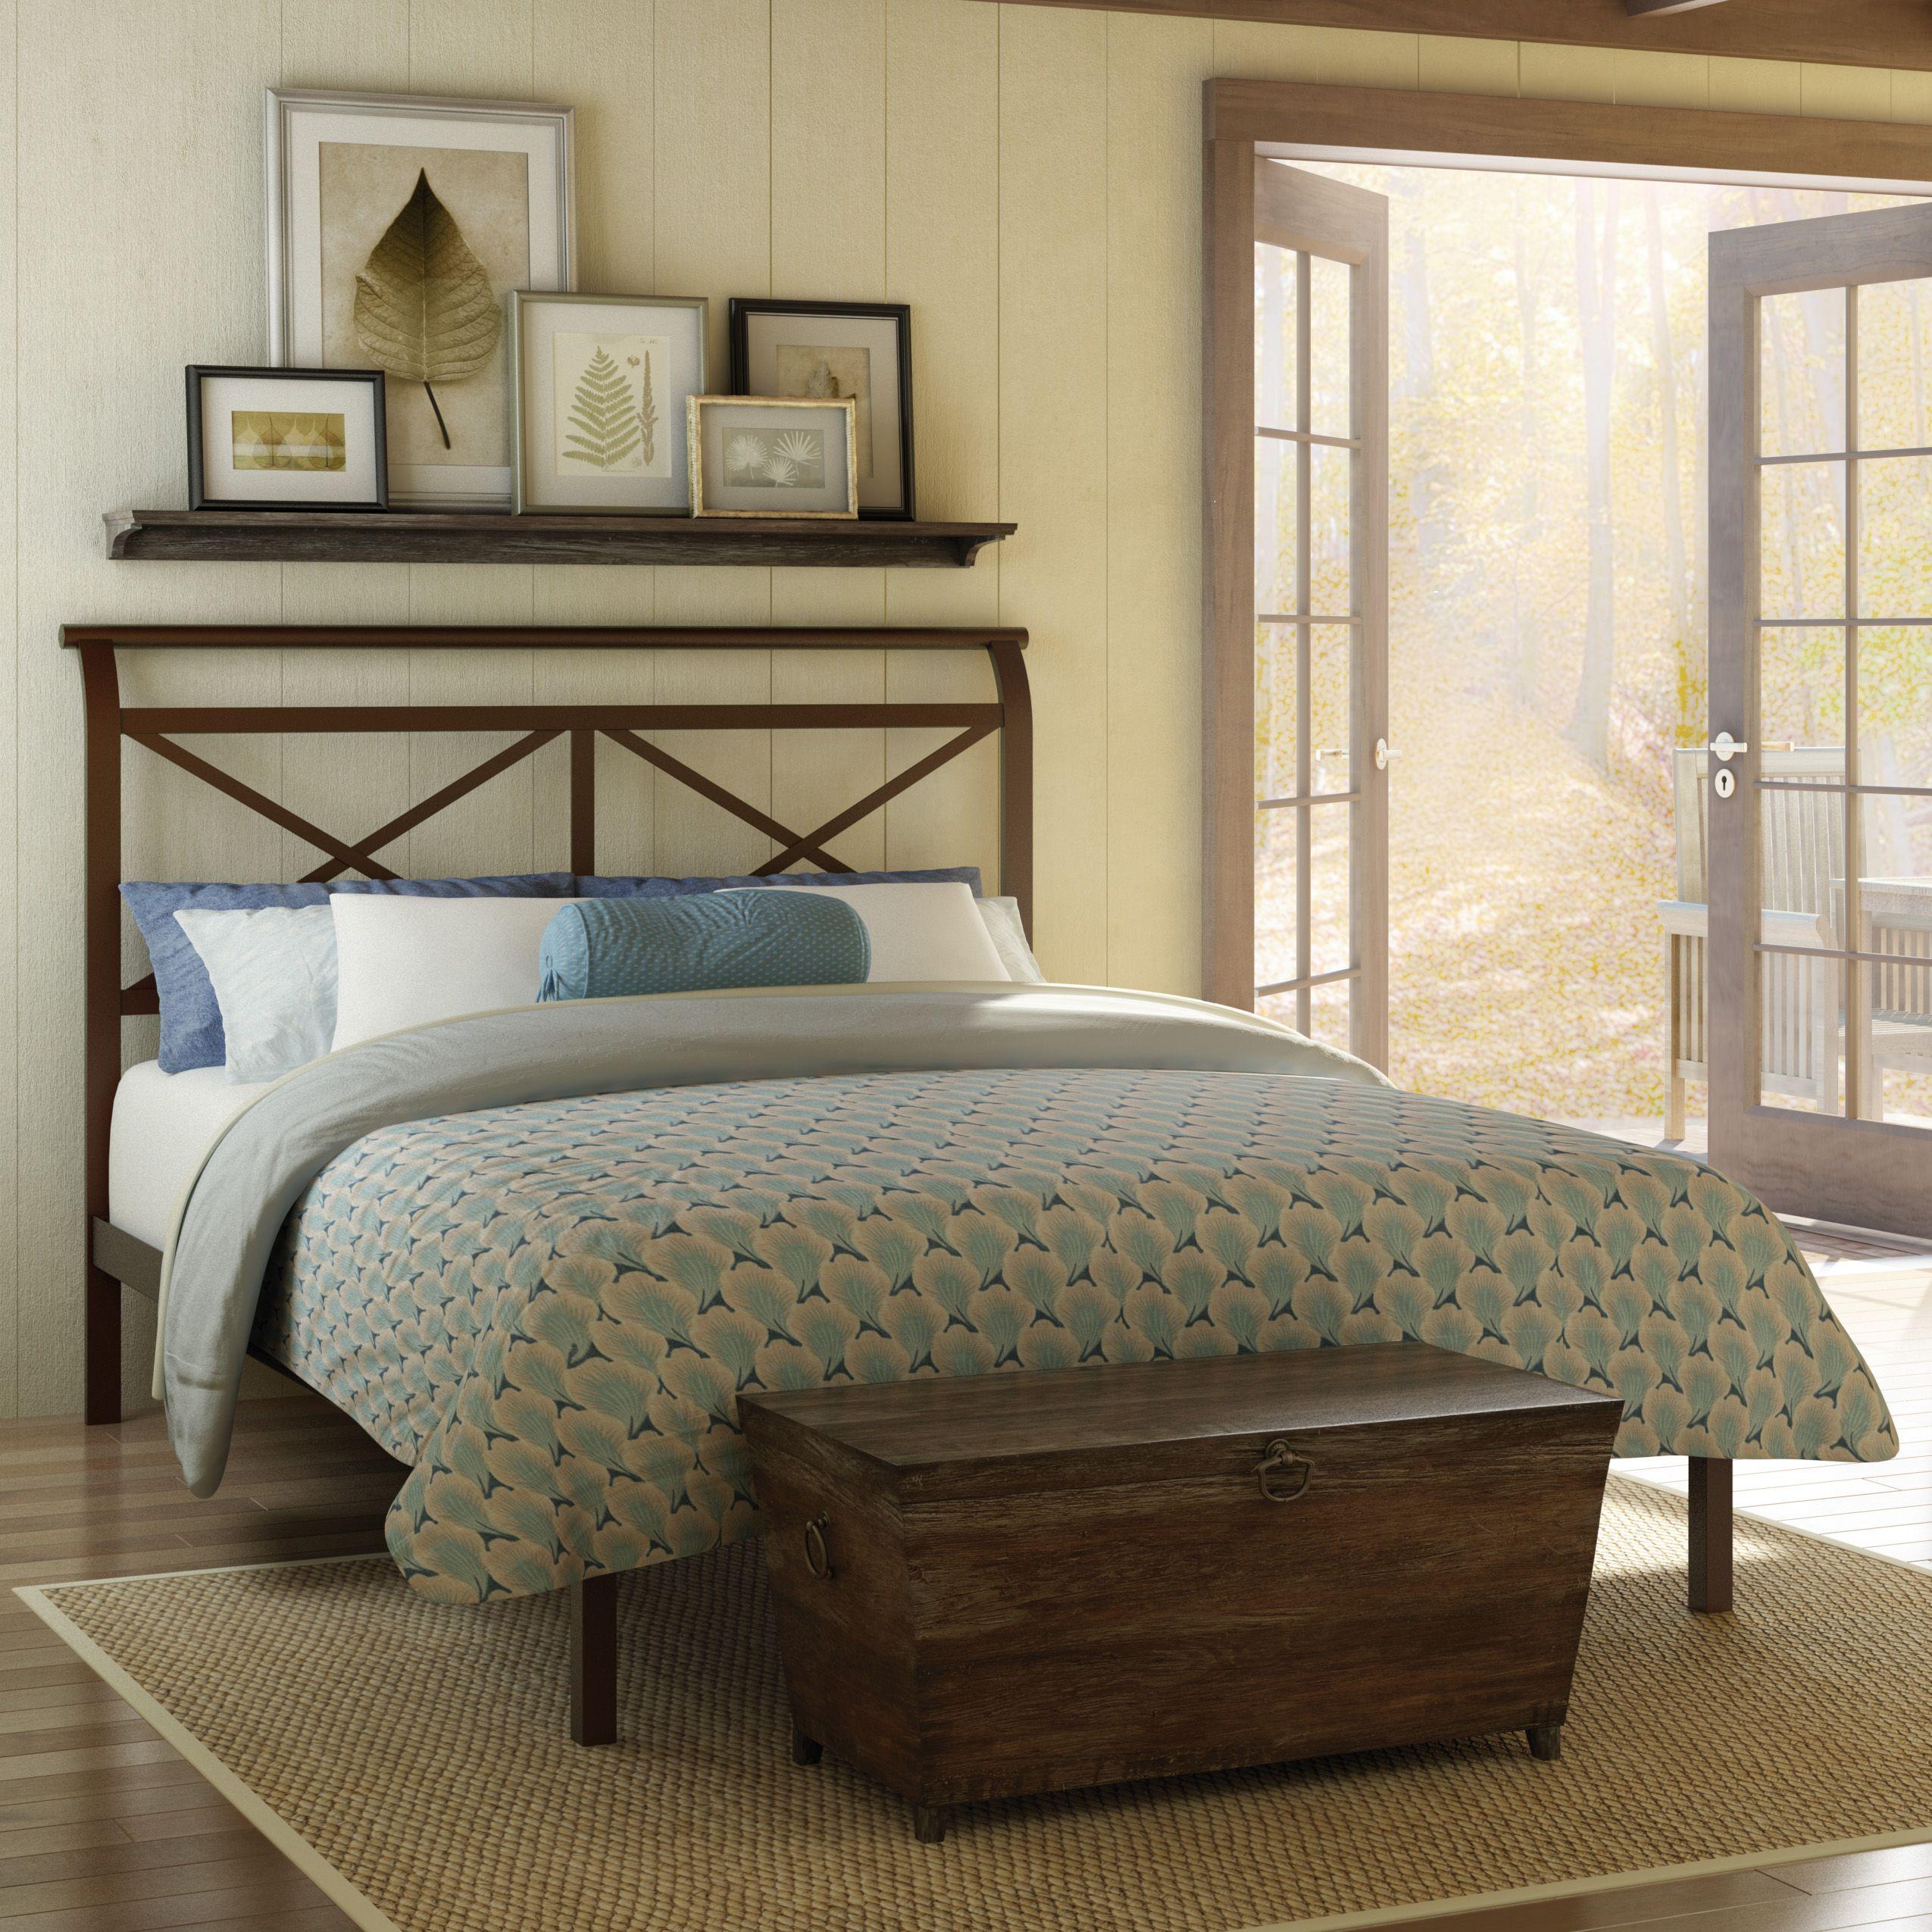 AMISCO Gabriel Bed 12354 Furniture